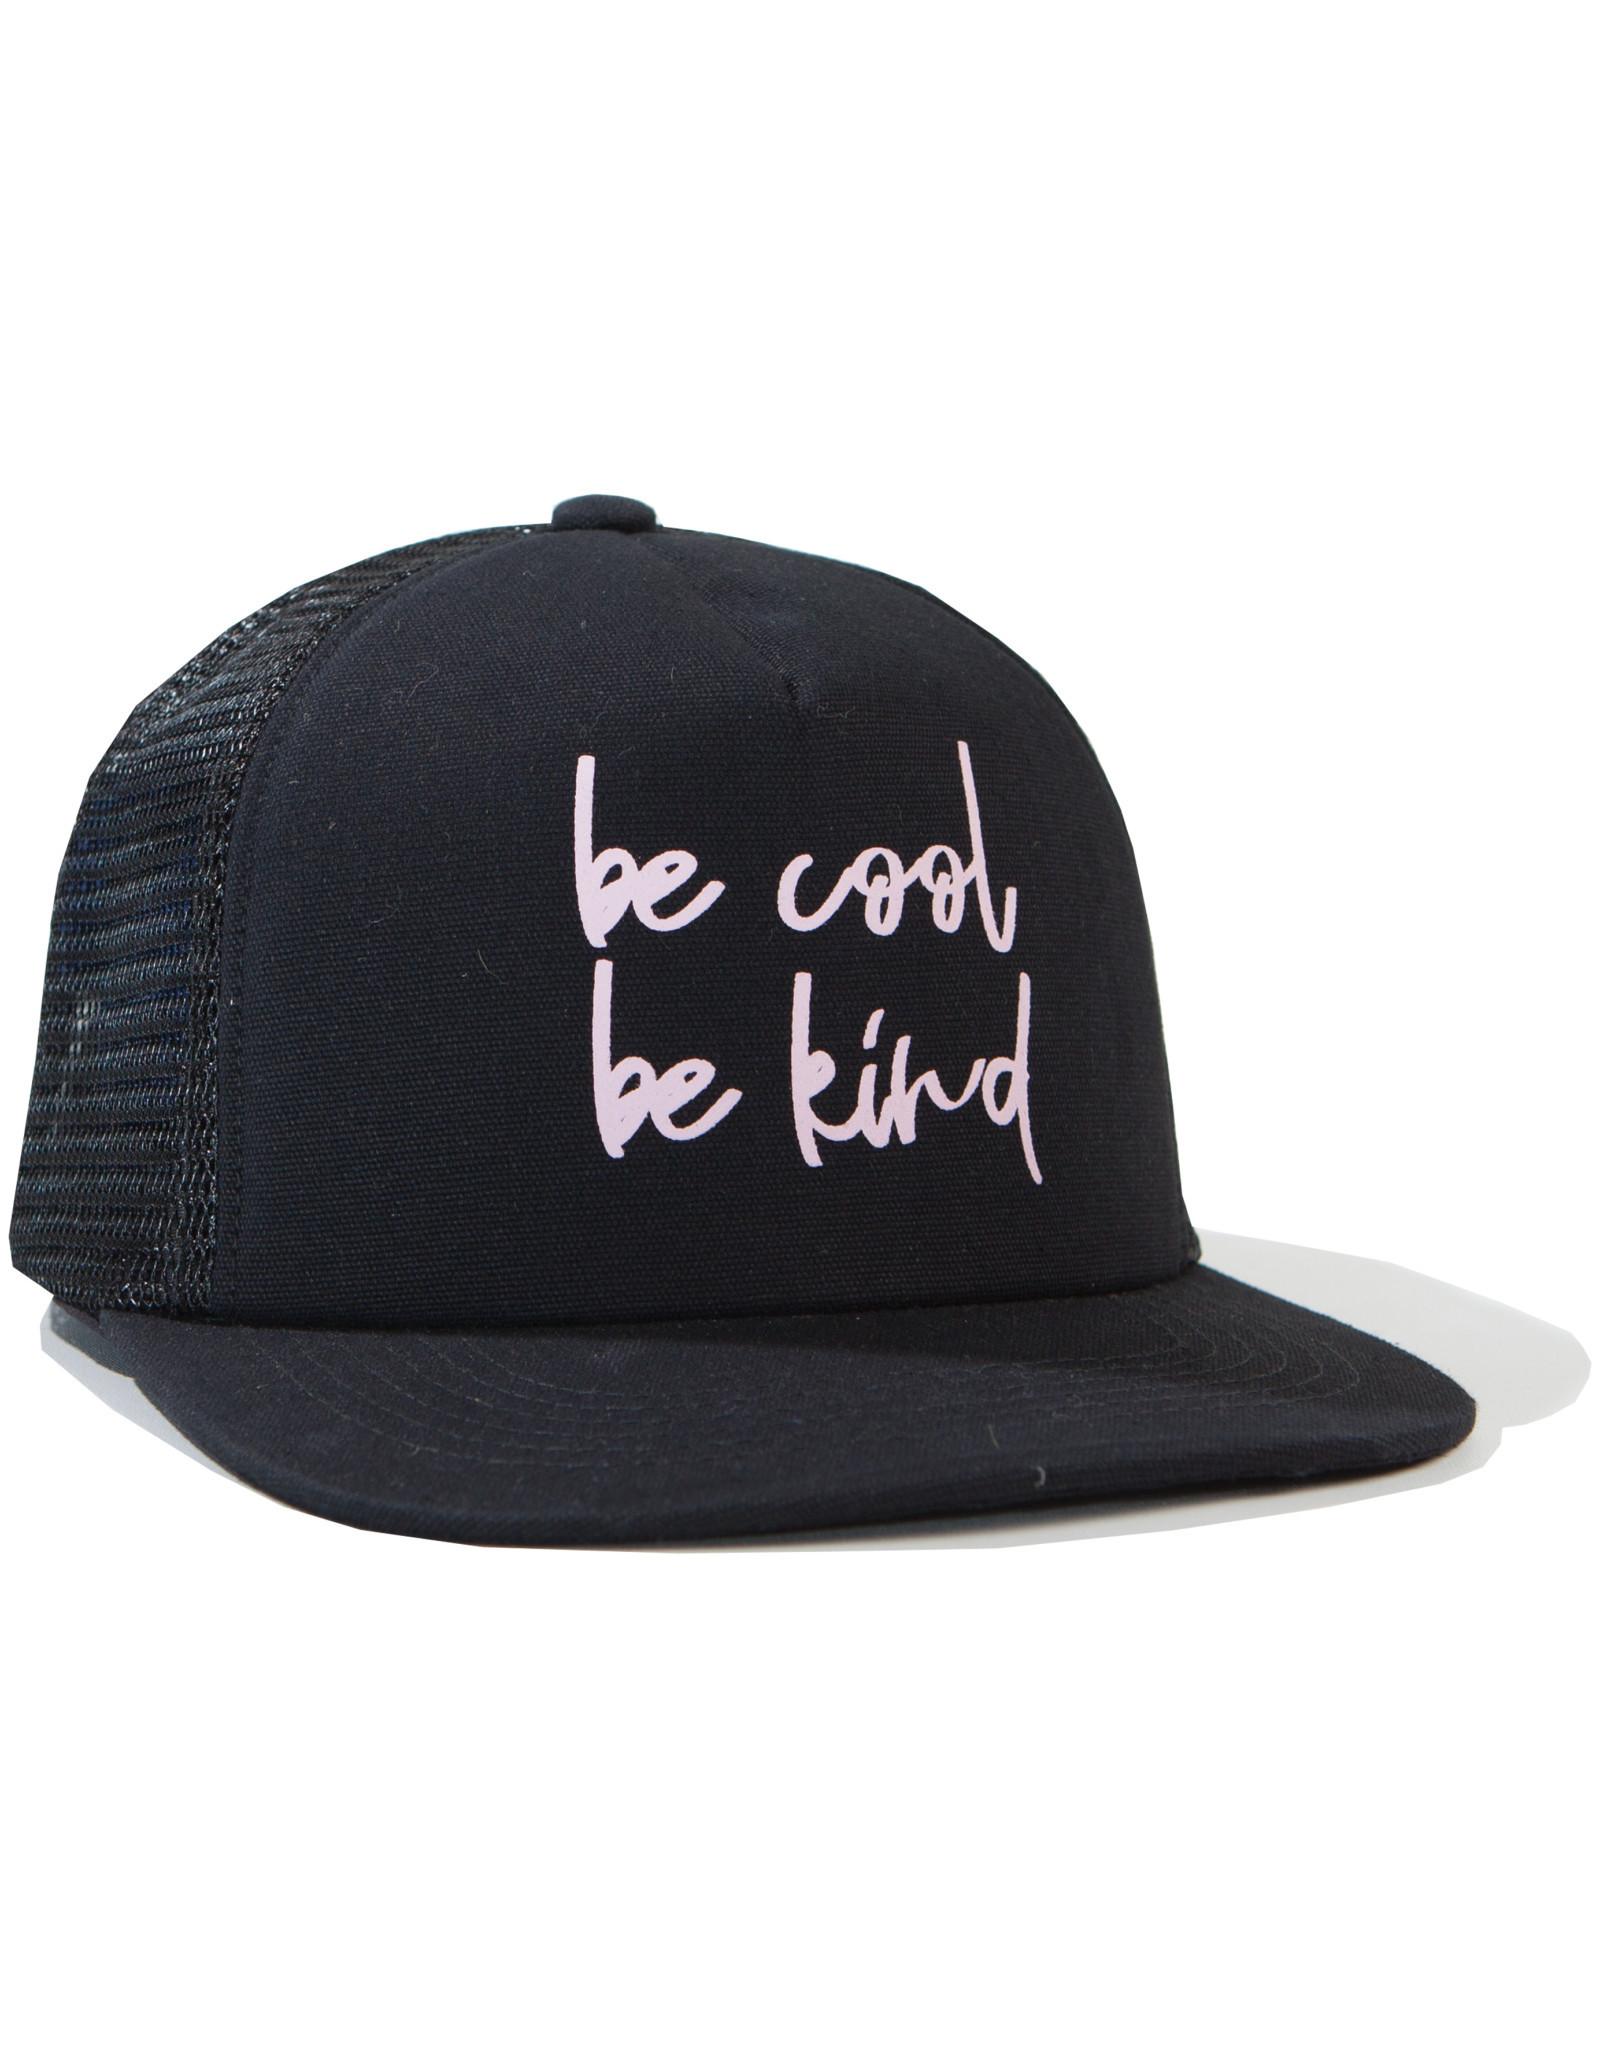 Munster Kids cool kind hat